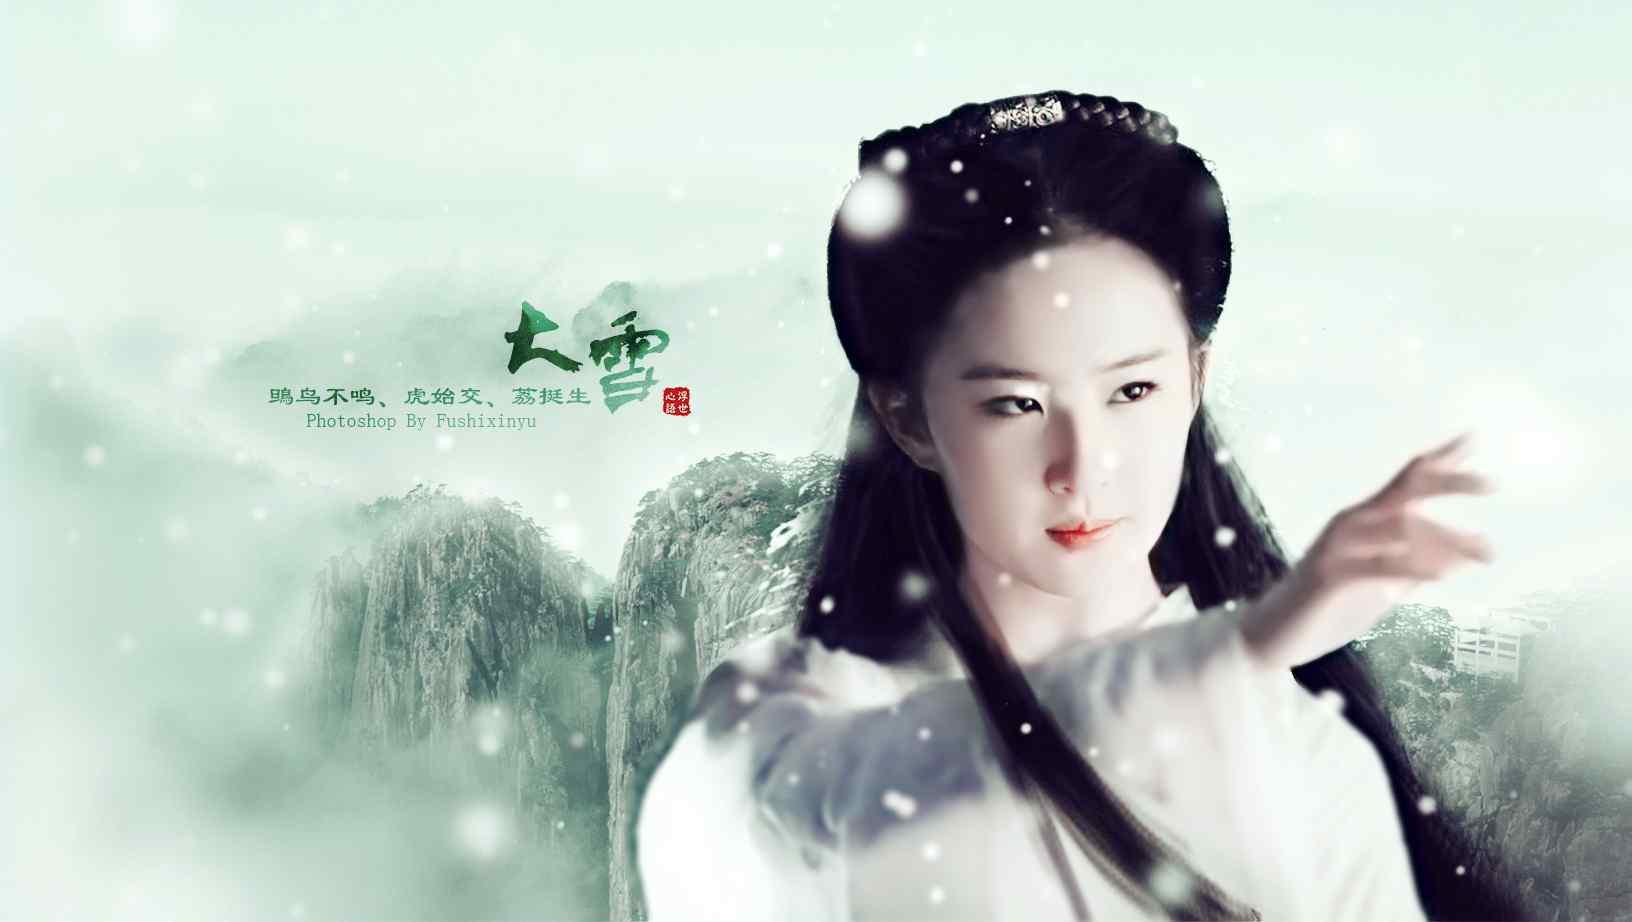 刘亦菲二十四节气大雪节气壁纸